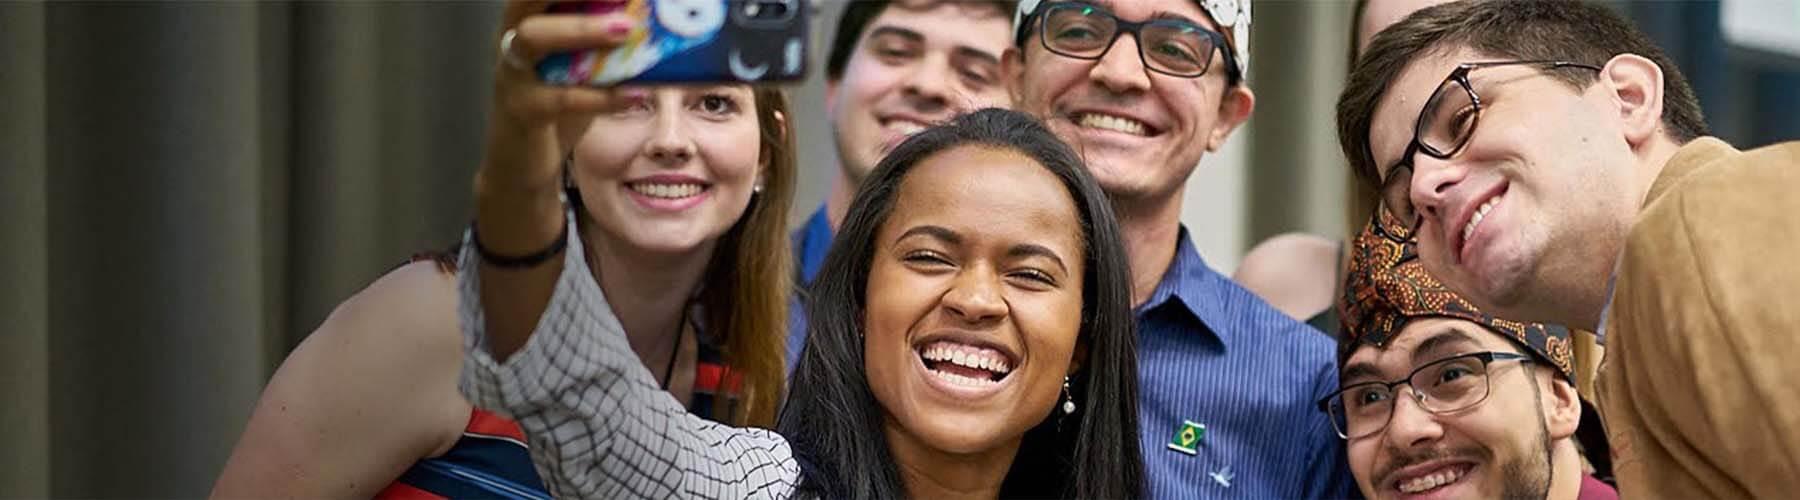 Mosolygó munkatársak csoportja pózol egy szelfihez, amelyet a csoport közepén álló fiatal afro-amerikai nő készít magukról.